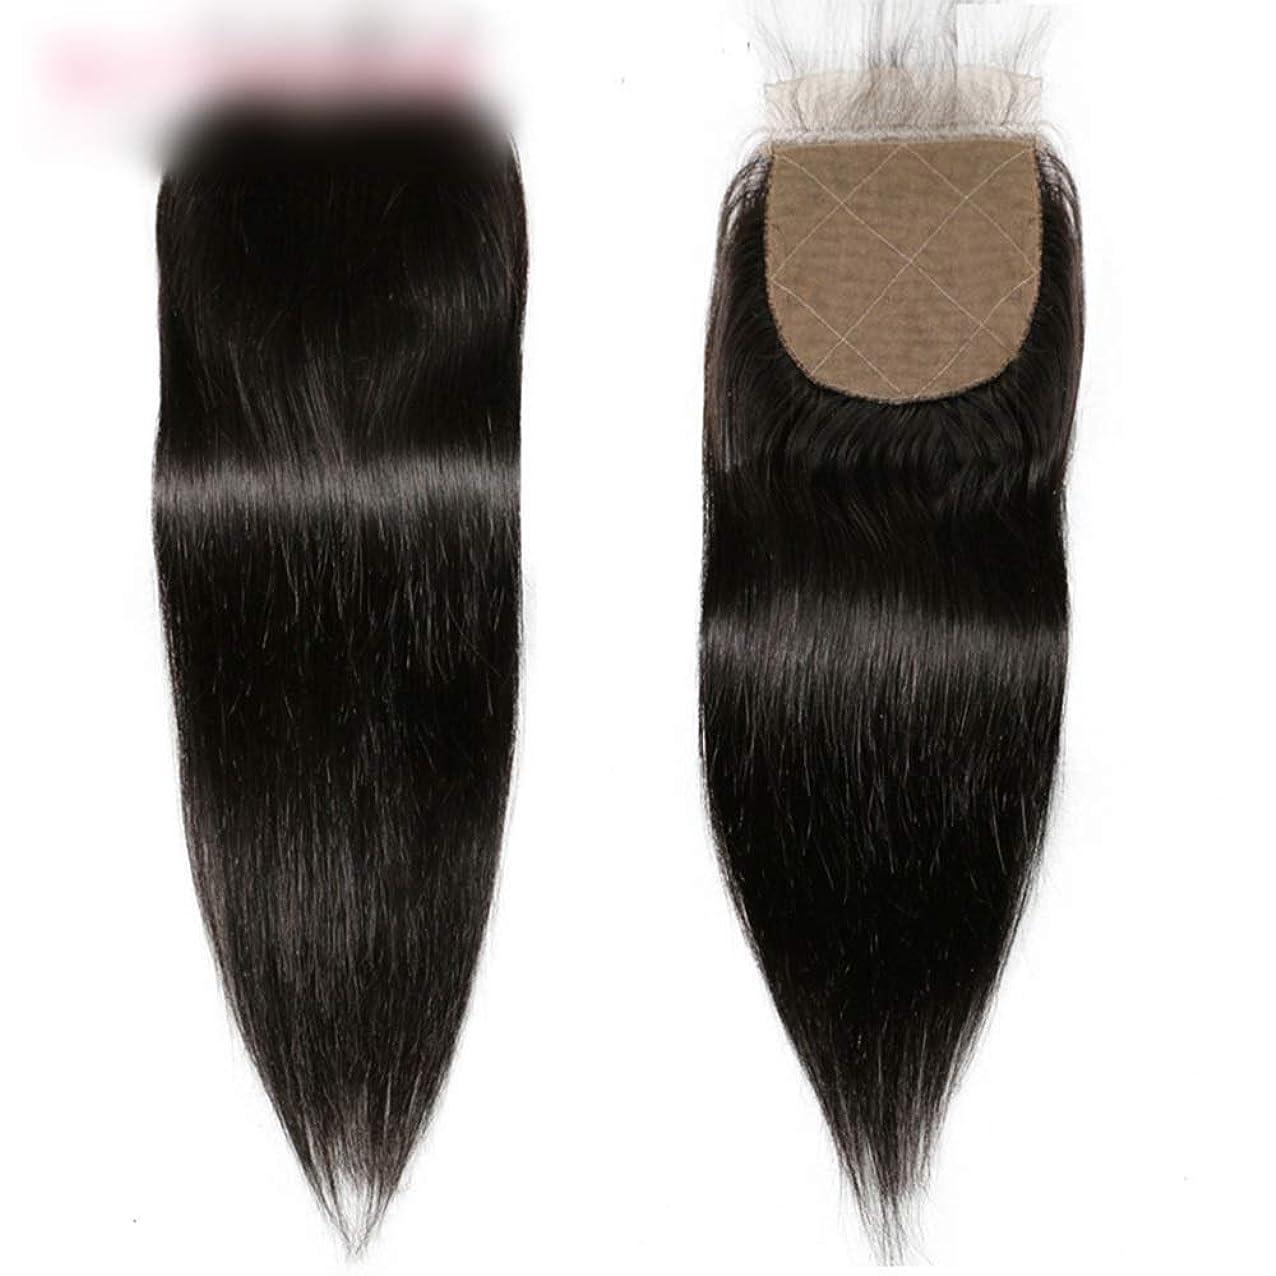 HOHYLLYA ブラジルのストレートの髪の束と閉鎖未処理の人間の髪の毛のレースの閉鎖ナチュラルカラーの髪の合成毛髪のレースのかつらロールプレイングウィッグロングとショートの女性自然 (色 : 黒, サイズ : 20 inch)